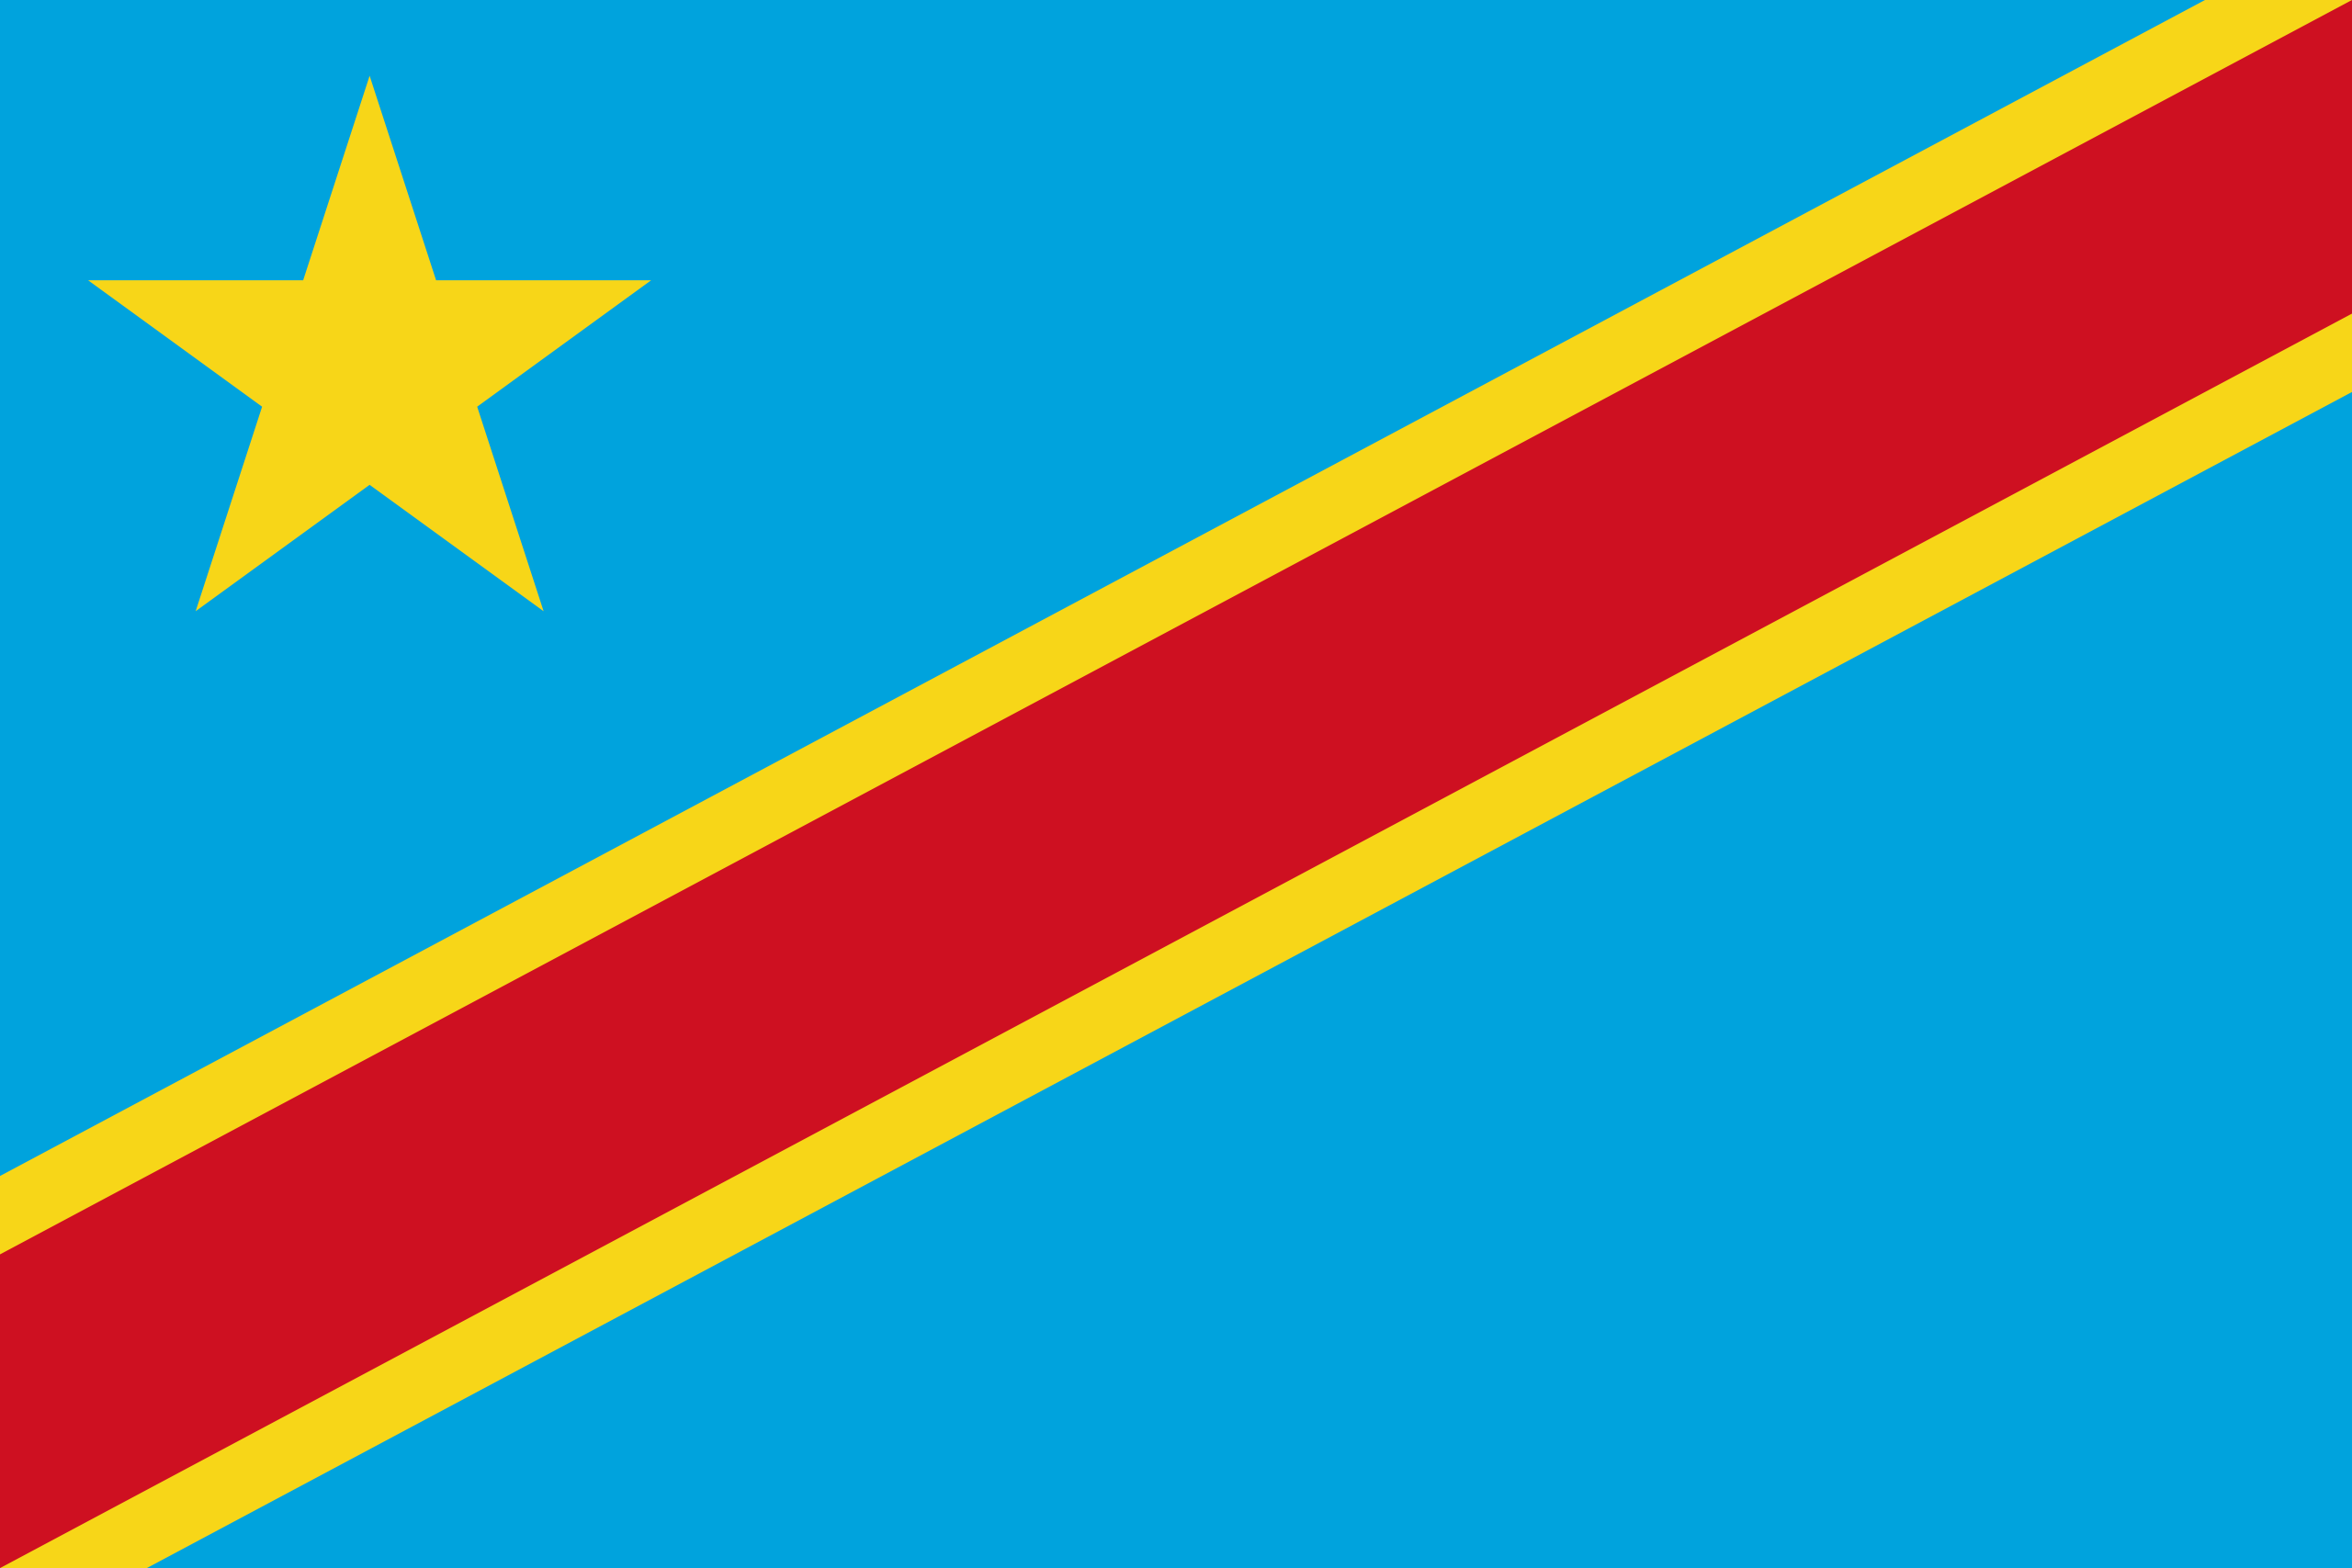 república democrática del congo, país, emblema, insignia, символ - Обои HD - Профессор falken.com